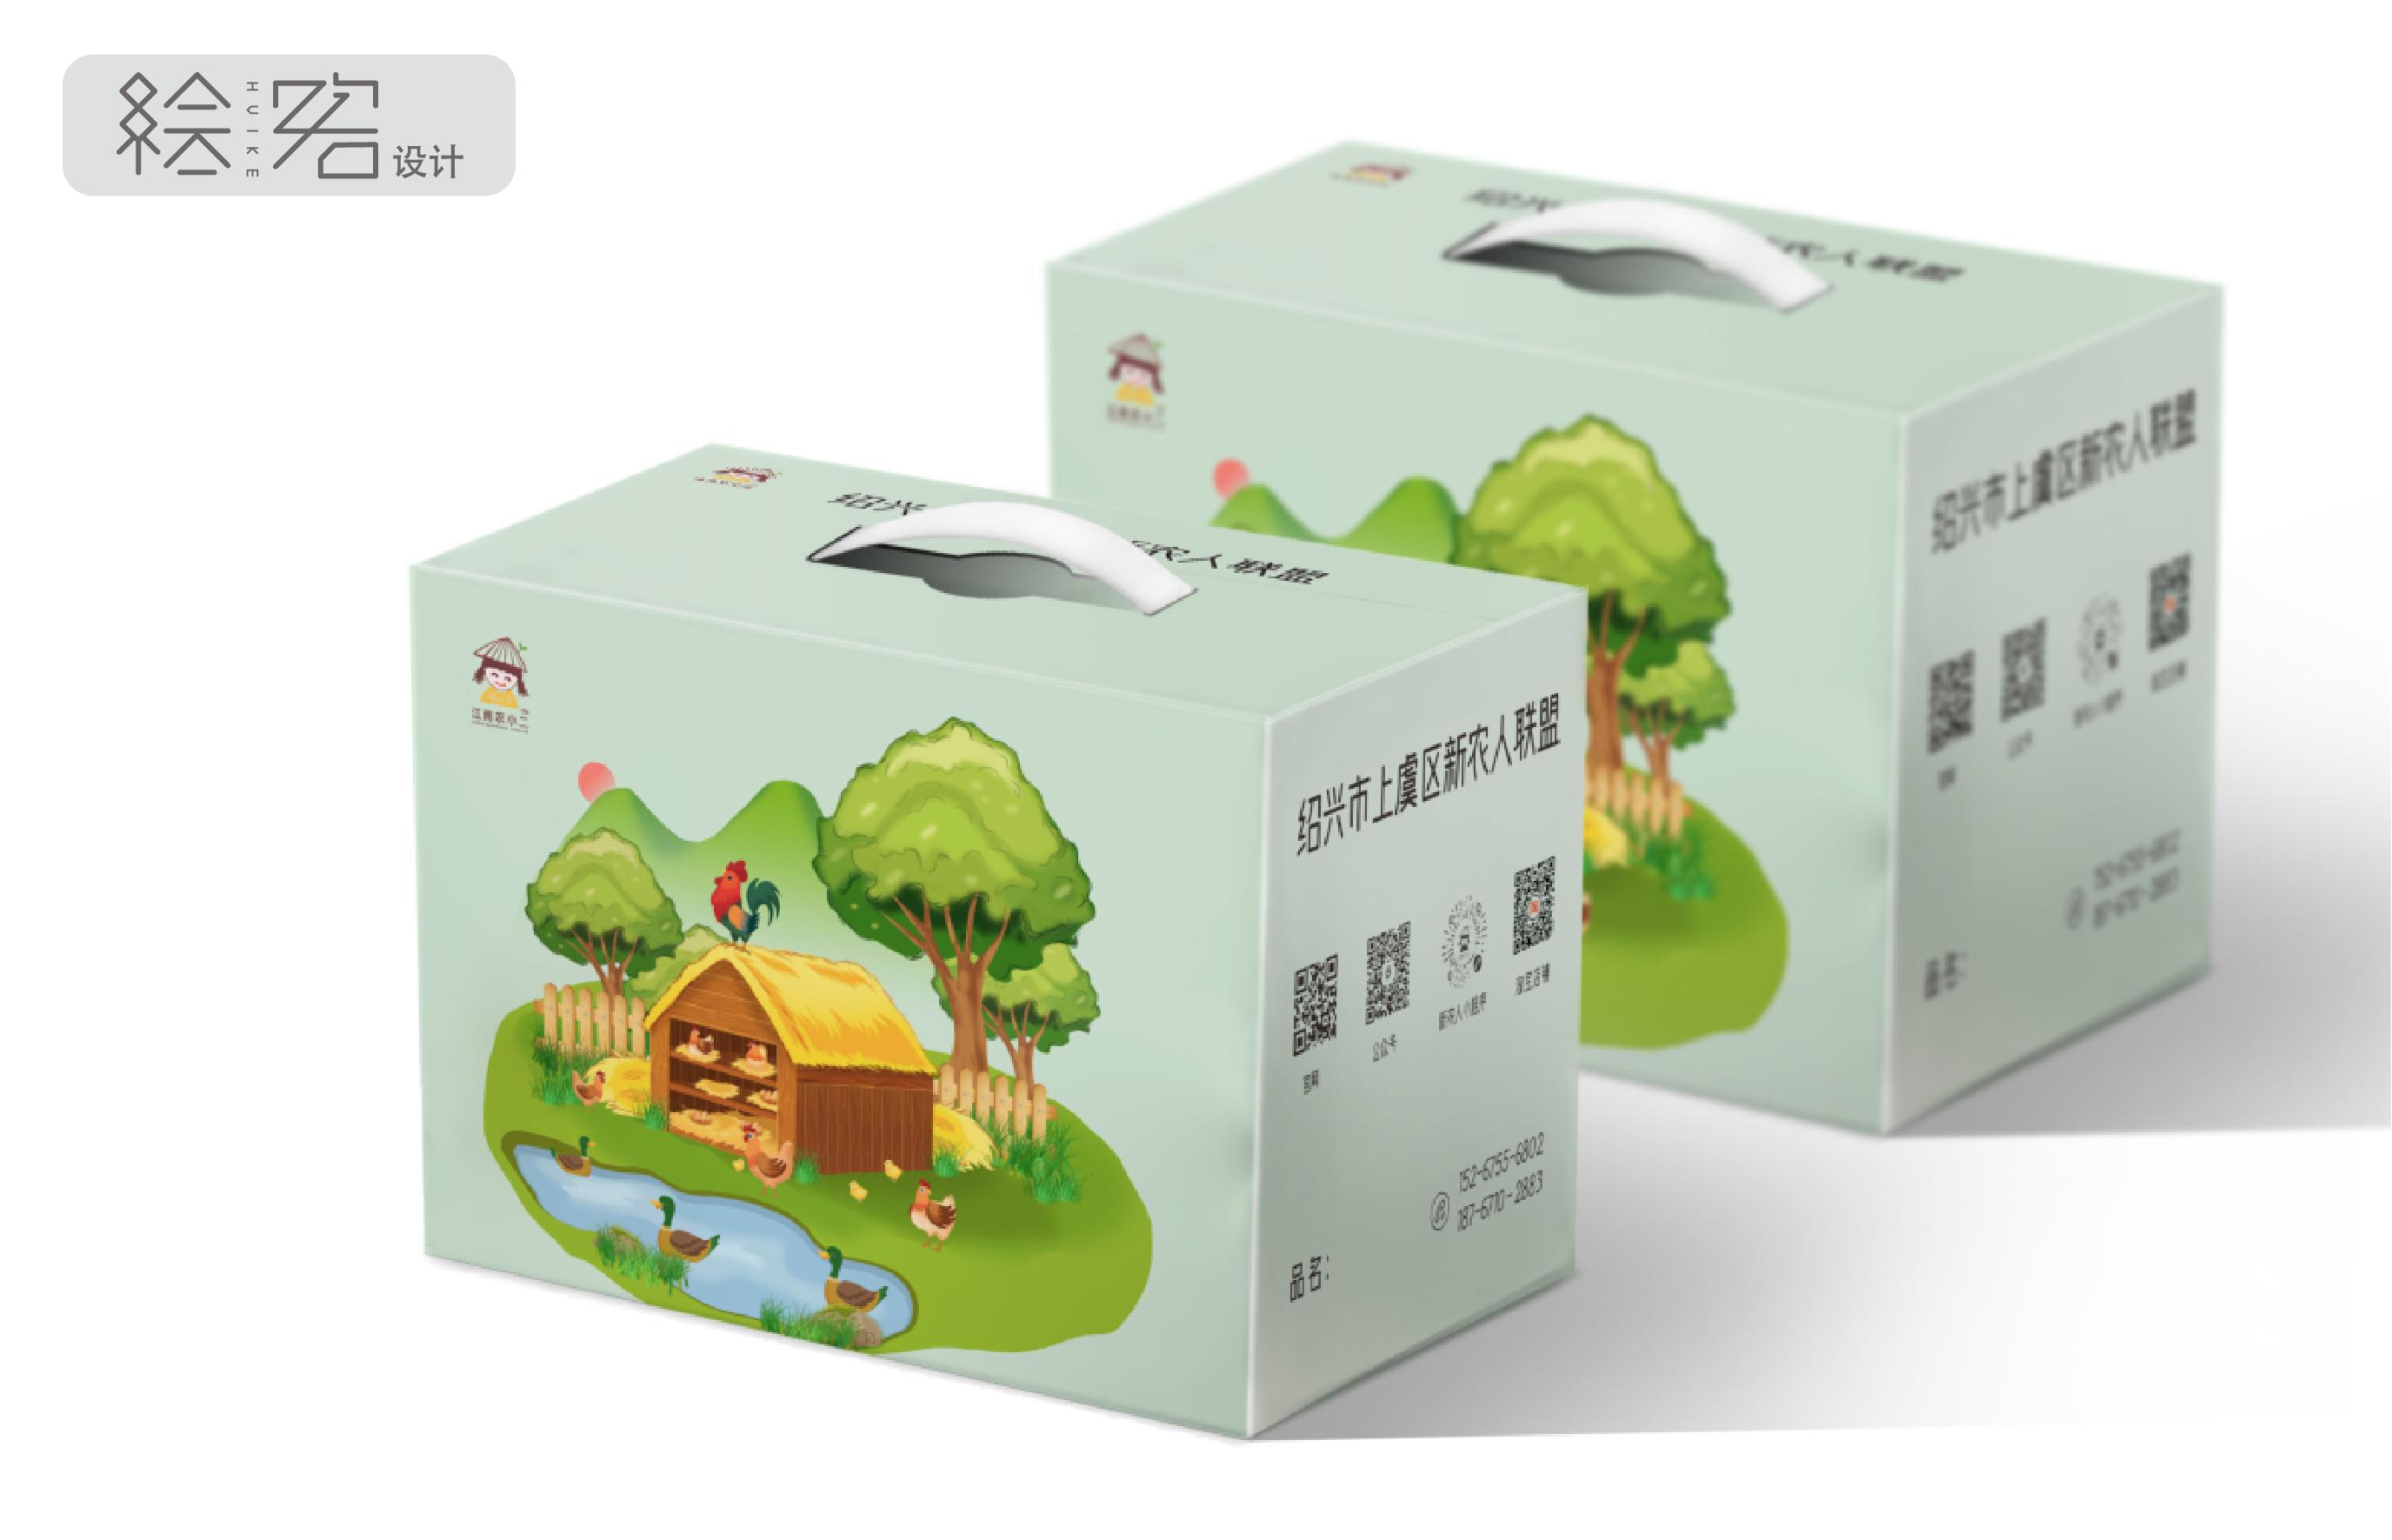 原创包装插画设计包装盒内衬包装袋食品大米茶叶产品包装结构设计